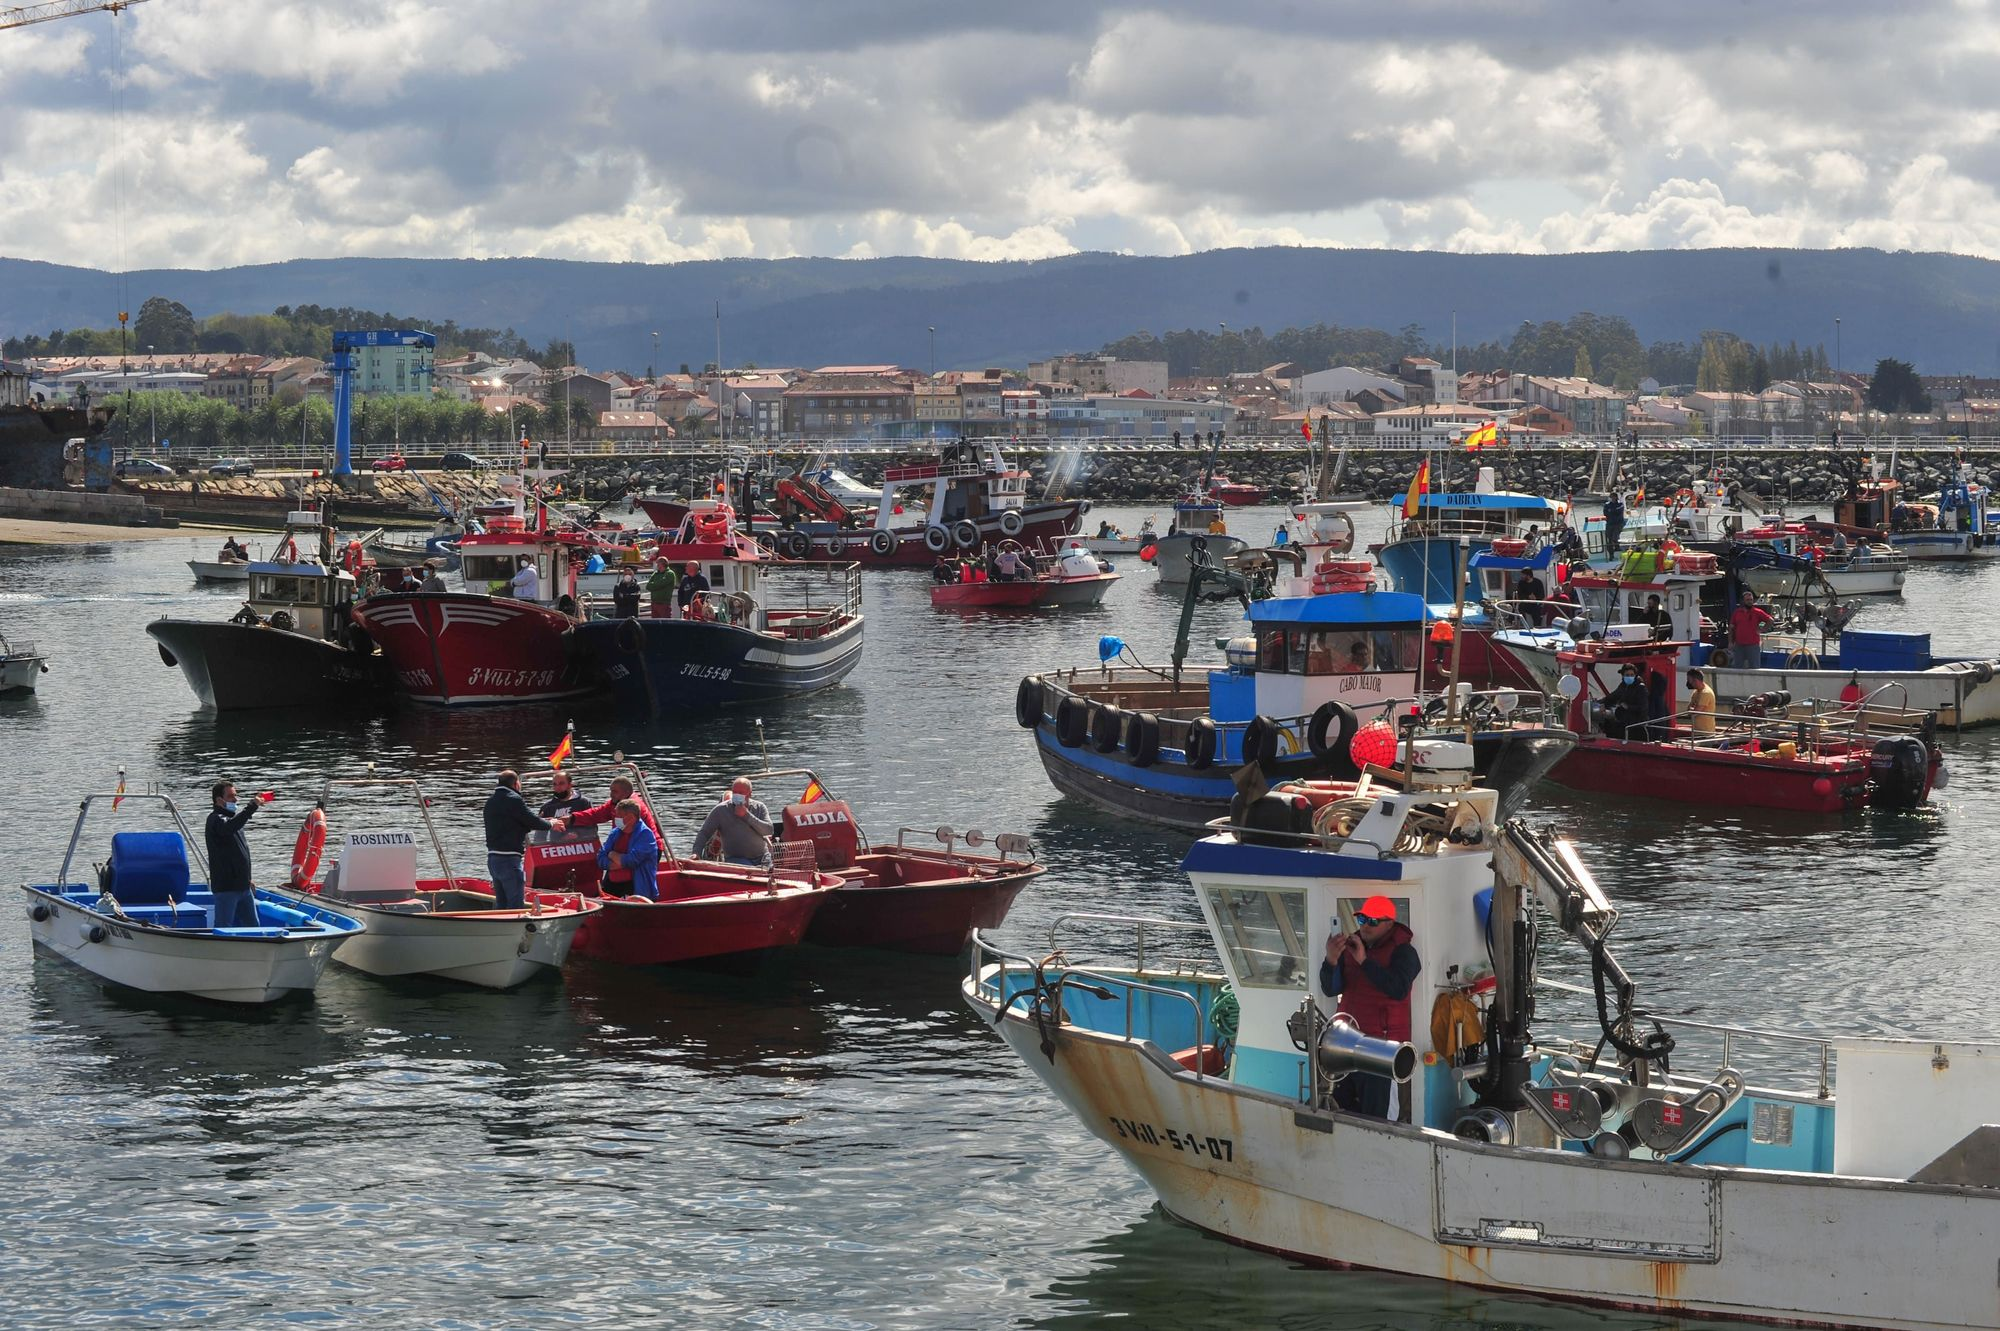 La protesta desarrollada por la flota de Cambados contra el reglamento de la UE, ayer.    Iñaki Abella (8)-min.jpg